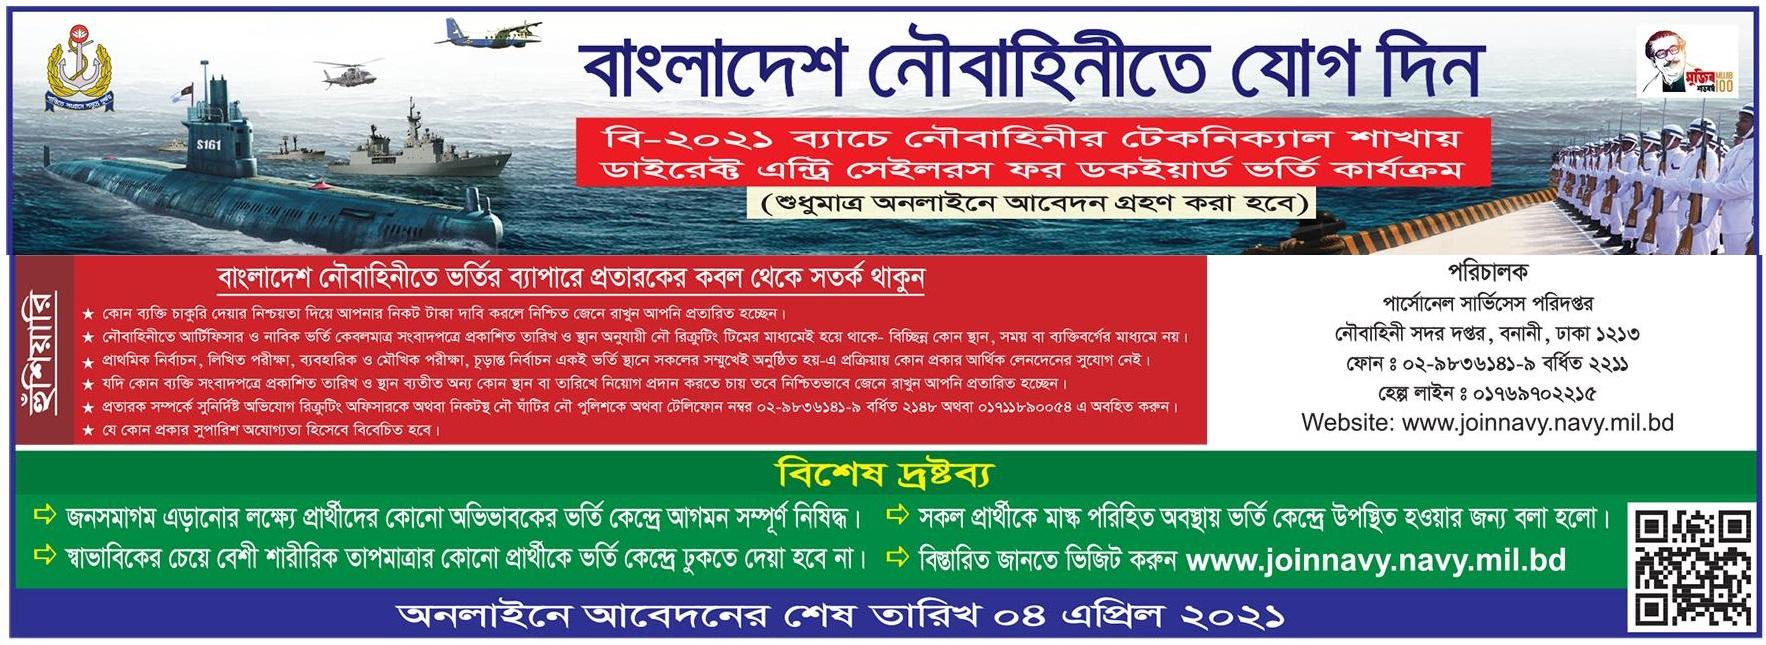 Bangladesh navy Circular 2021 - বাংলাদেশ নৌবাহিনী নিয়োগ ২০২১ সার্কুলার - বাংলাদেশ নৌবাহিনী সৈনিক পদে নিয়োগ ২০২১